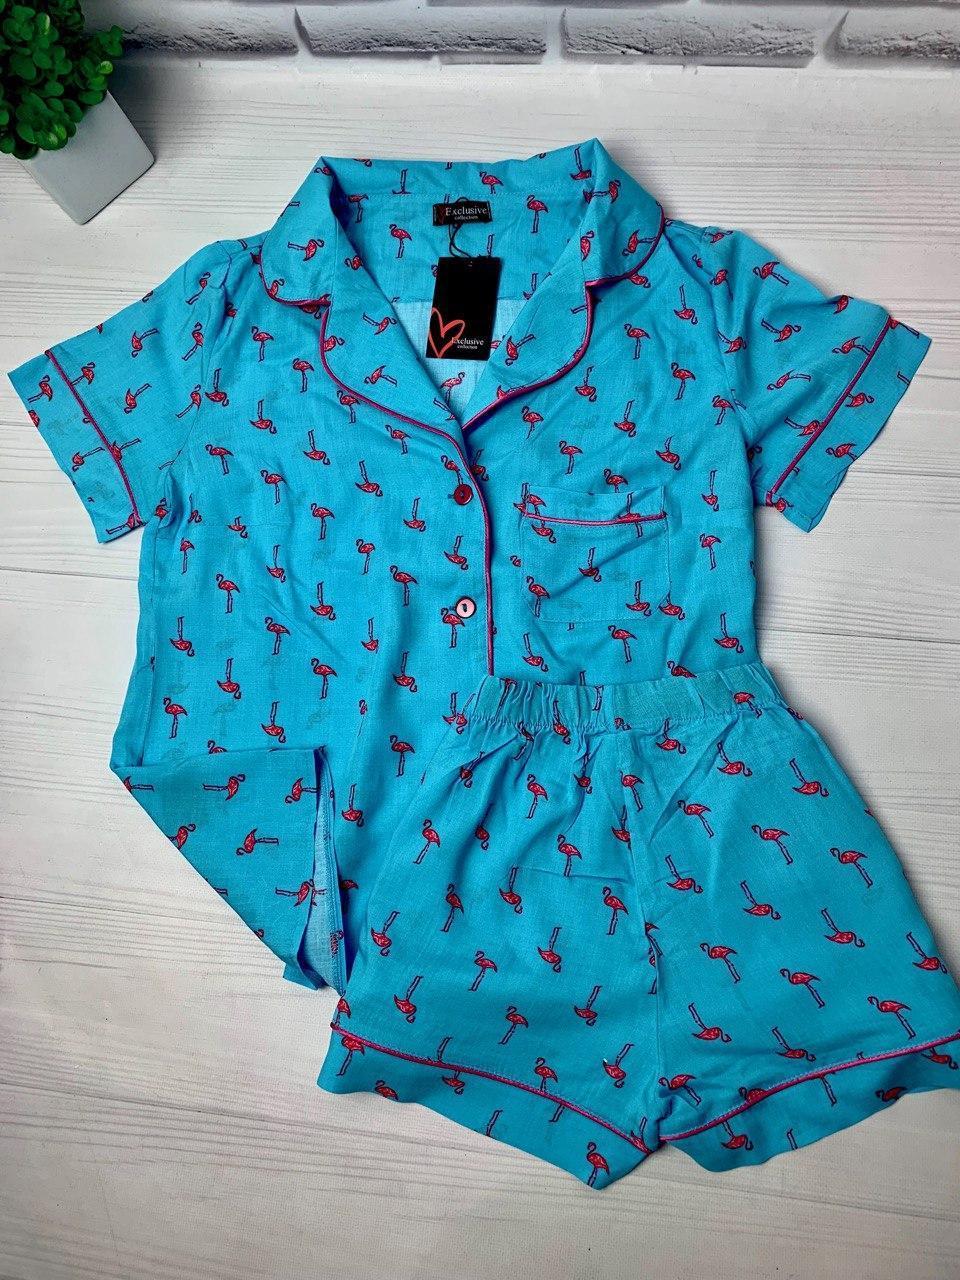 Пижама женская ФЛАМИНГО, в голубом цвете,единый размер!